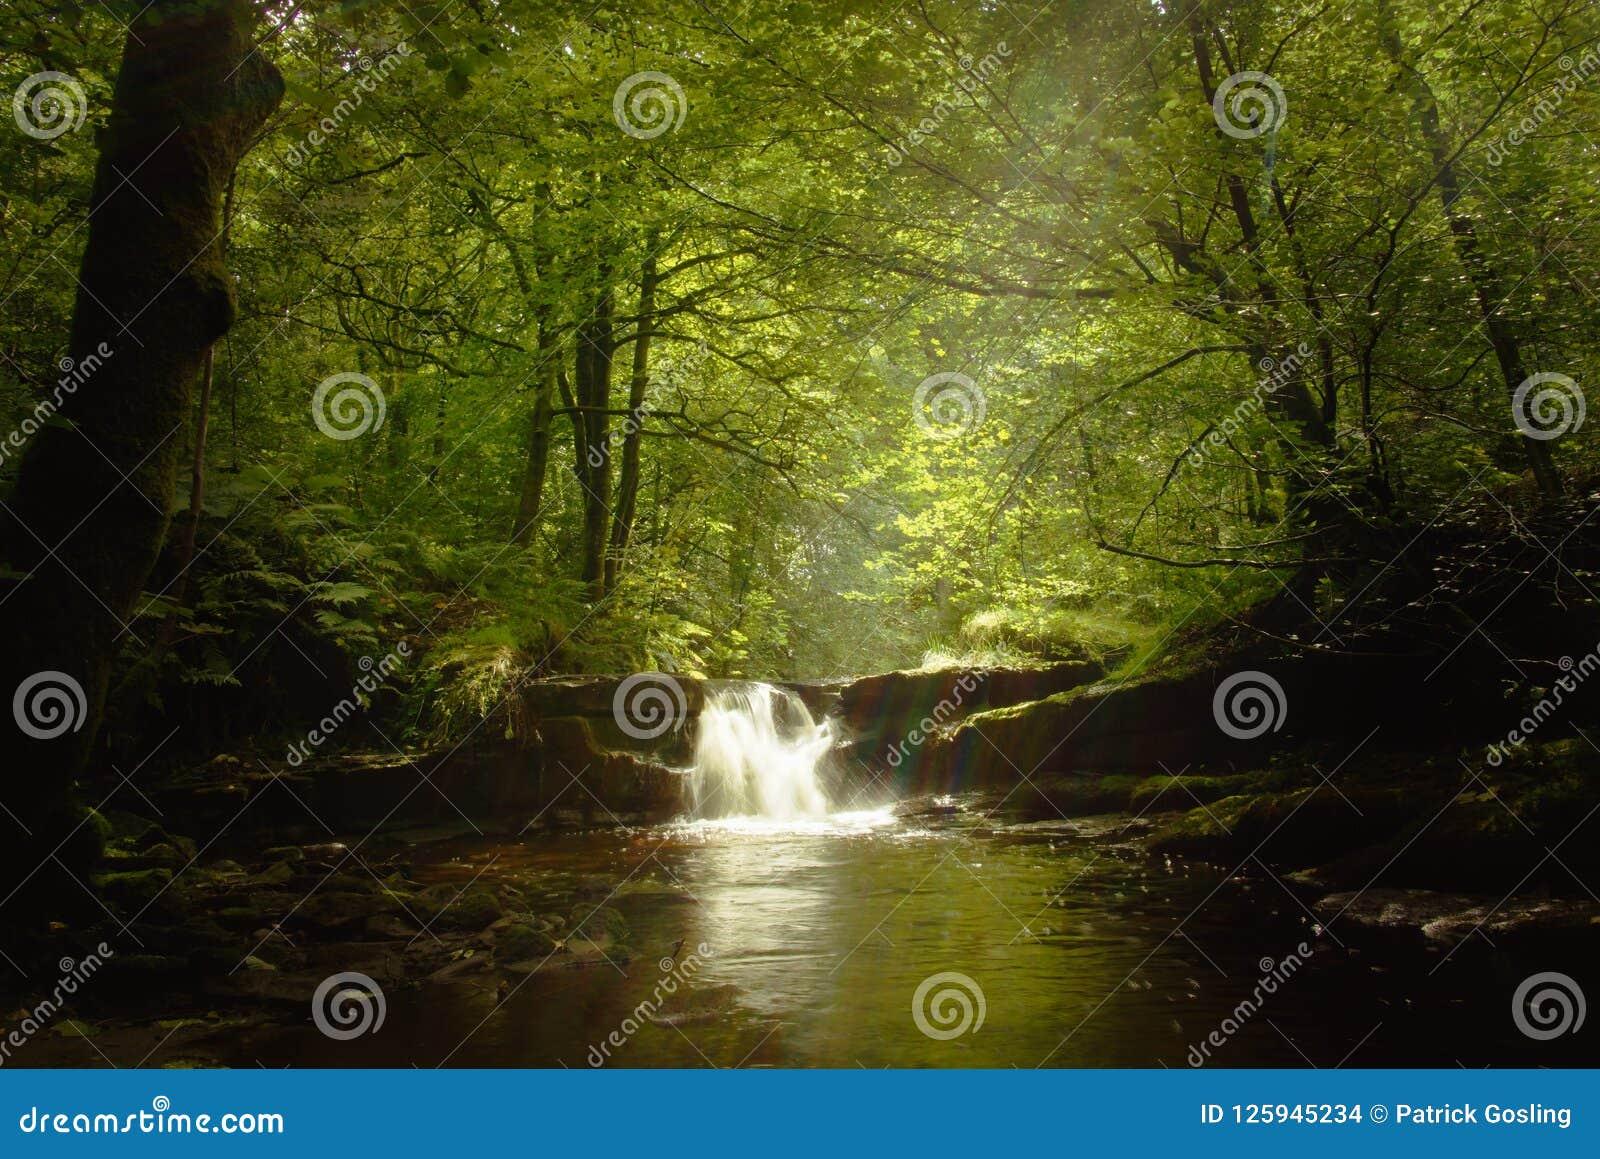 Wasserfall nach Regen